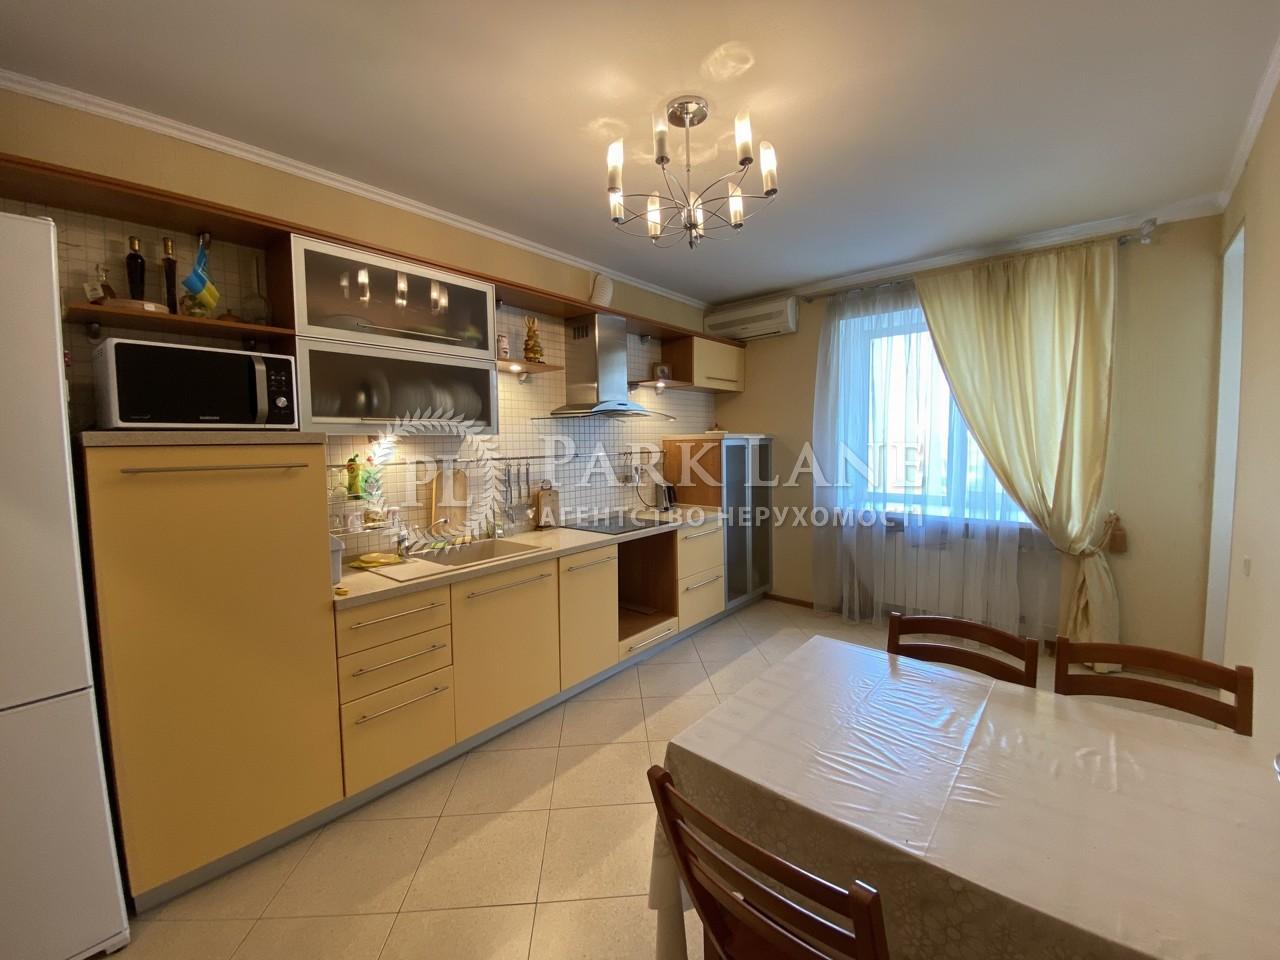 Квартира ул. Вишняковская, 13, Киев, I-31367 - Фото 10